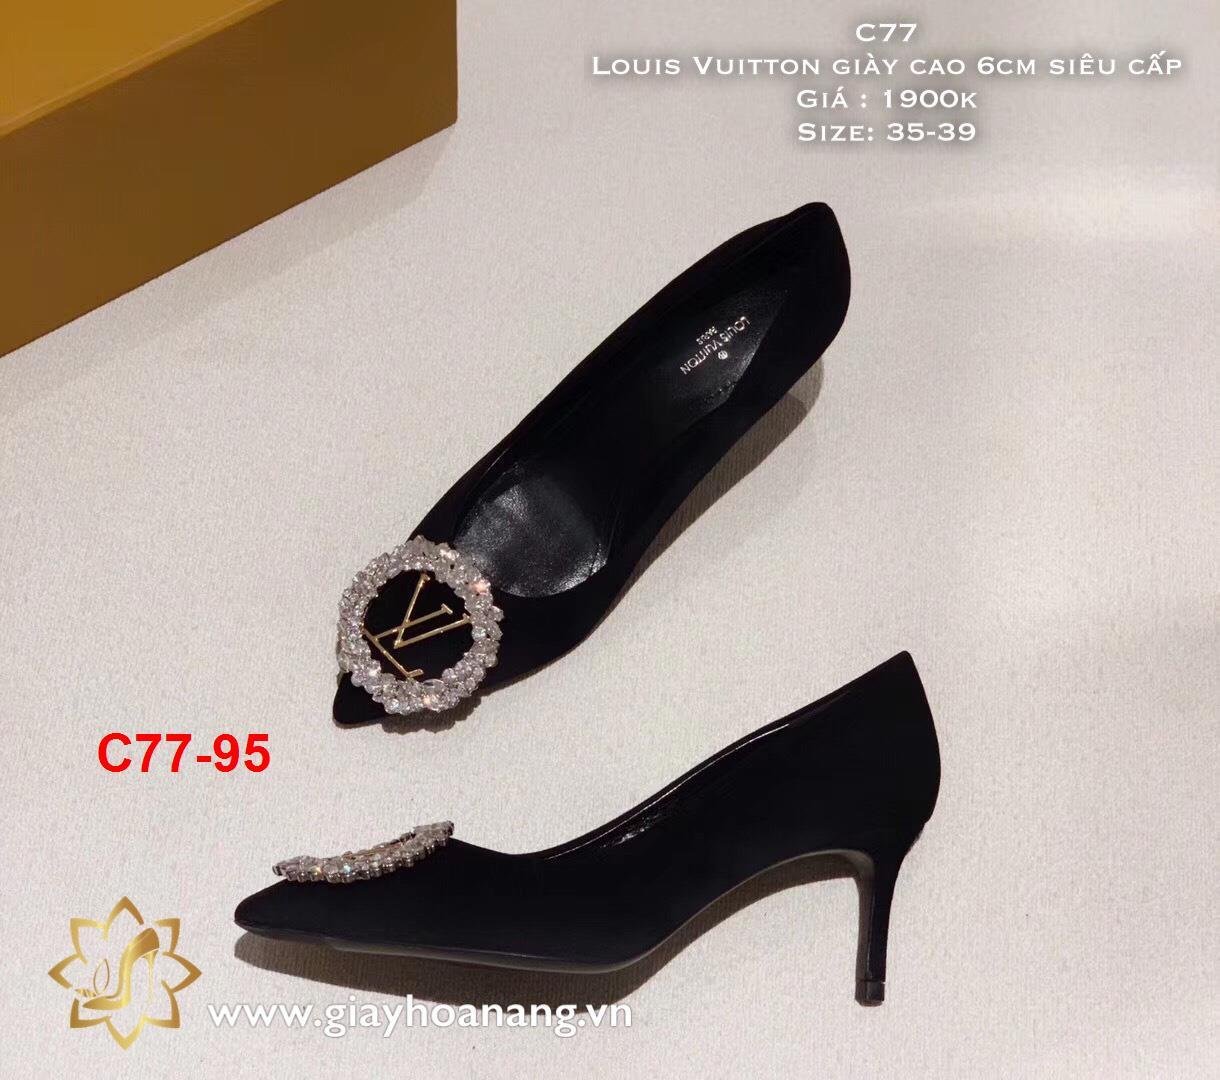 C77-95 Louis Vuitton giày cao 6cm siêu cấp